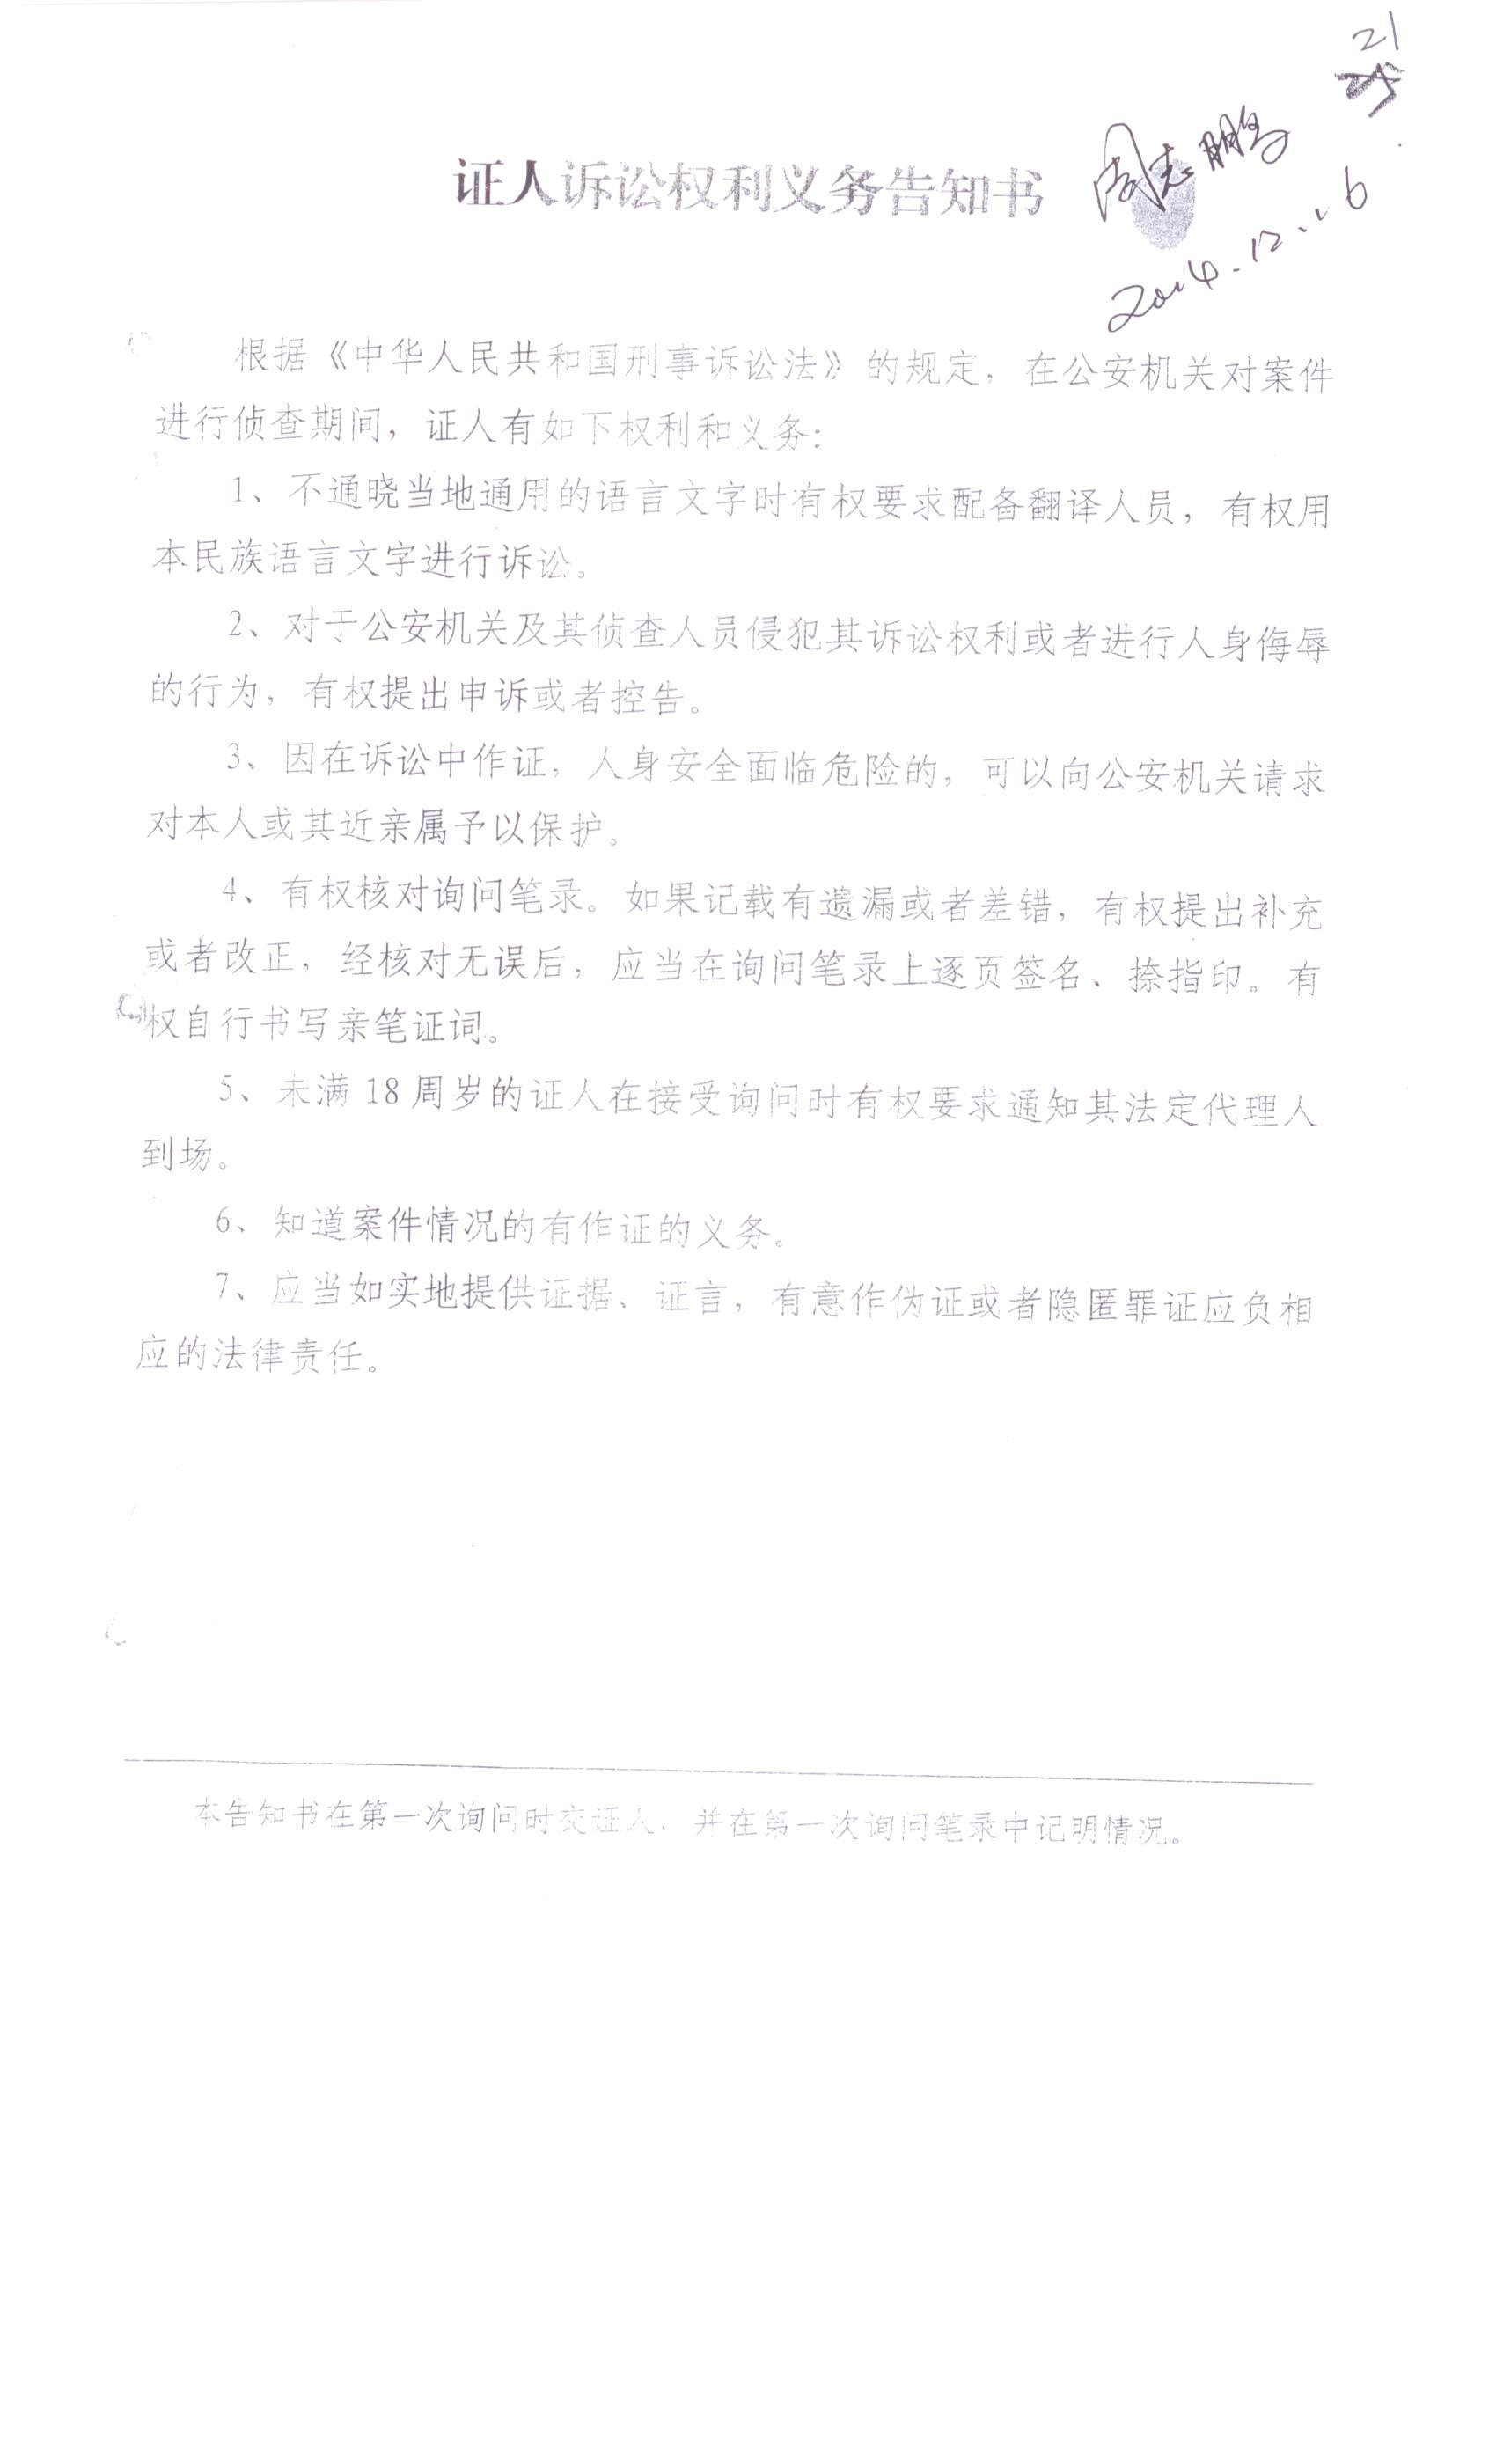 周志鹏的询问笔录1.jpg